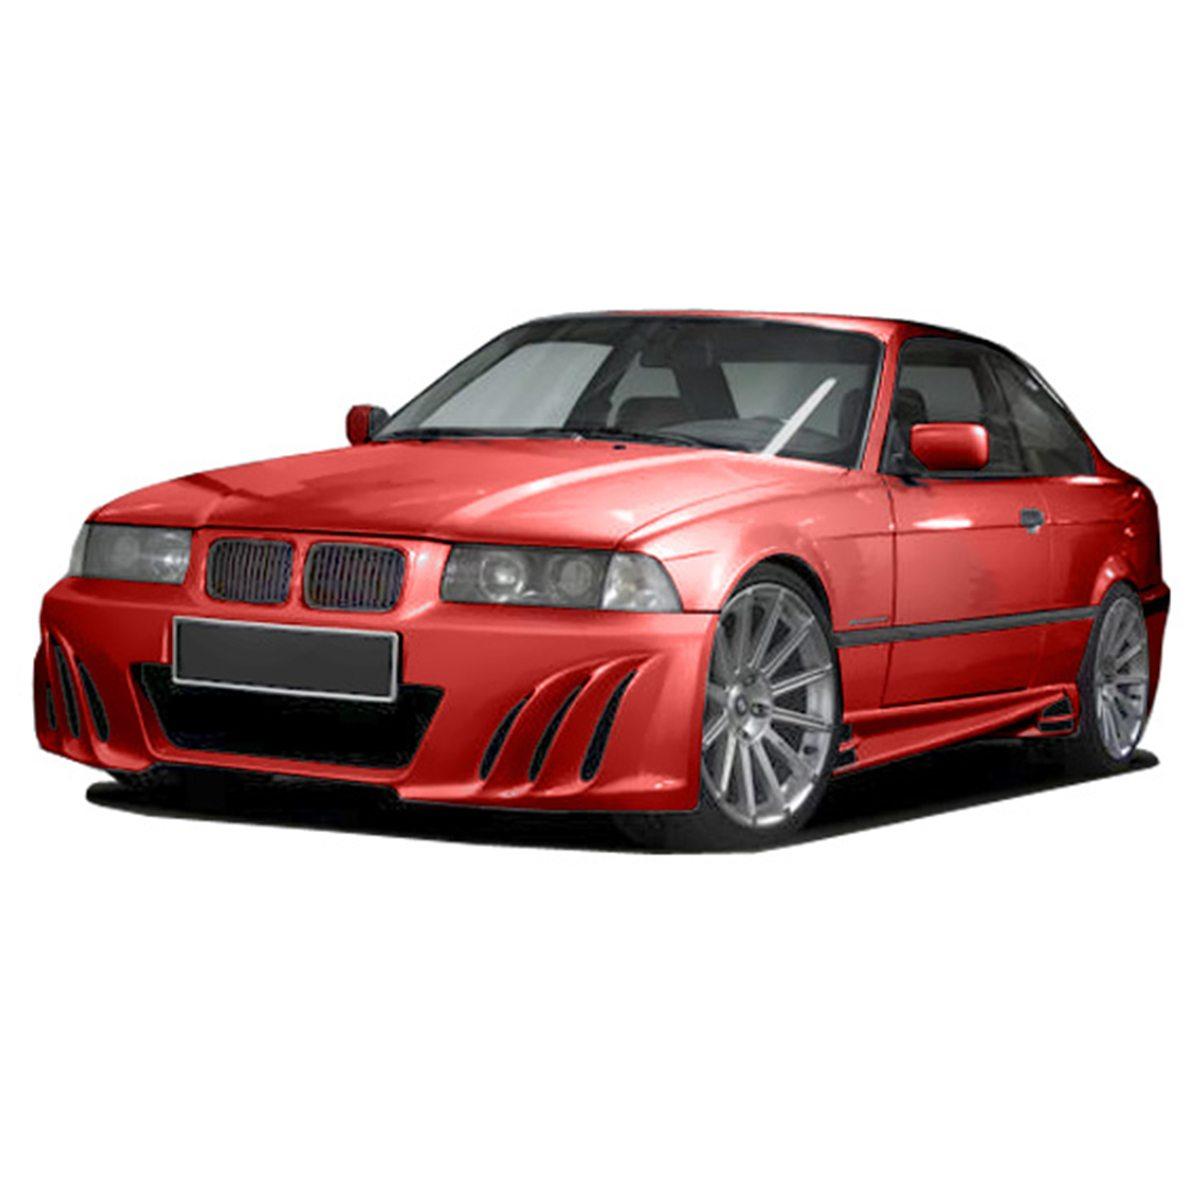 BMW-E36-Shark-Frt-PCM005